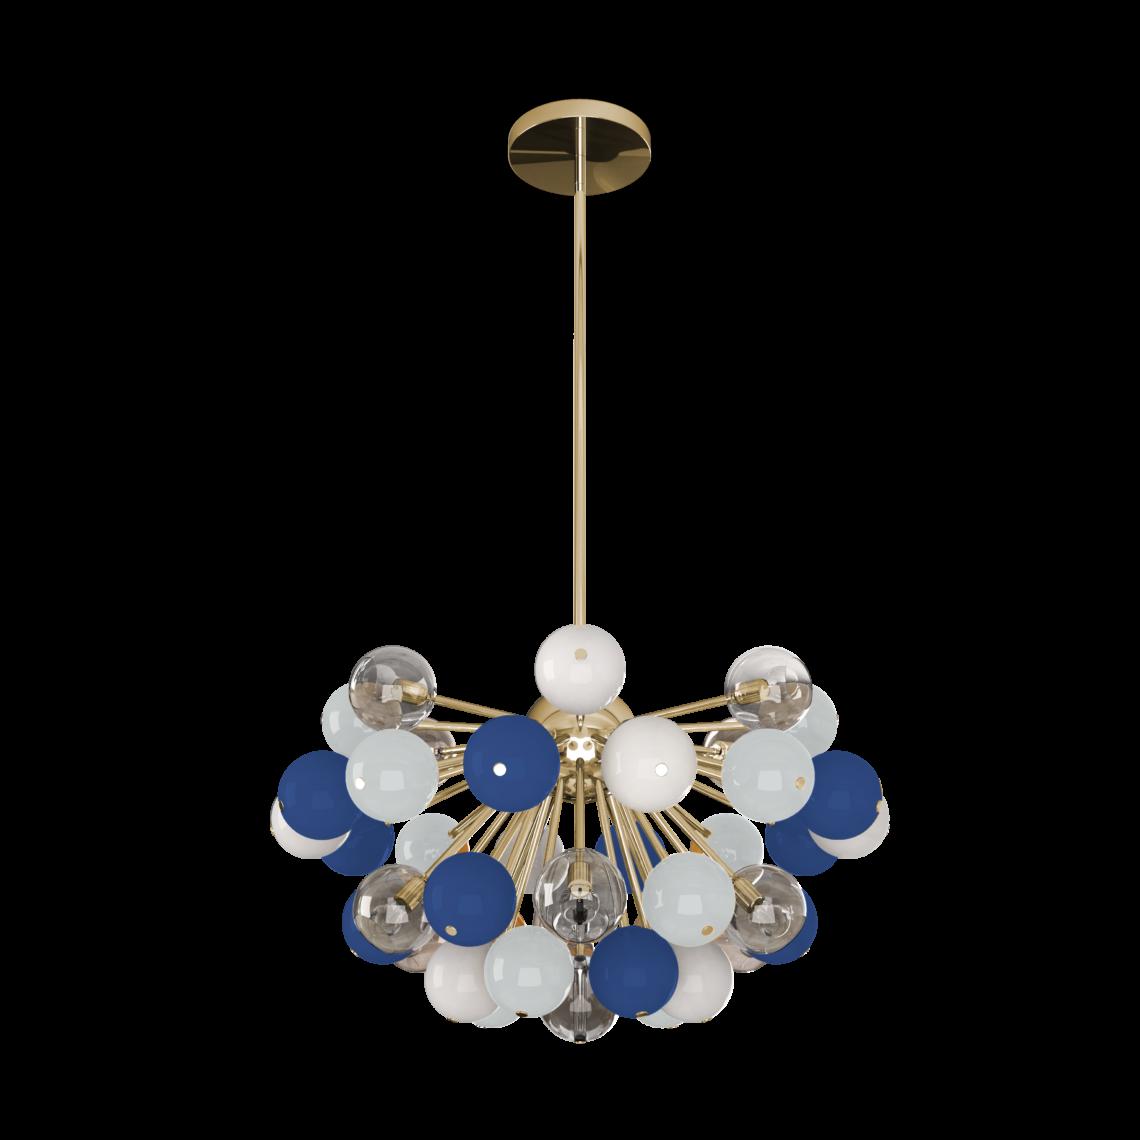 Berries suspension lamp featuring classic blue